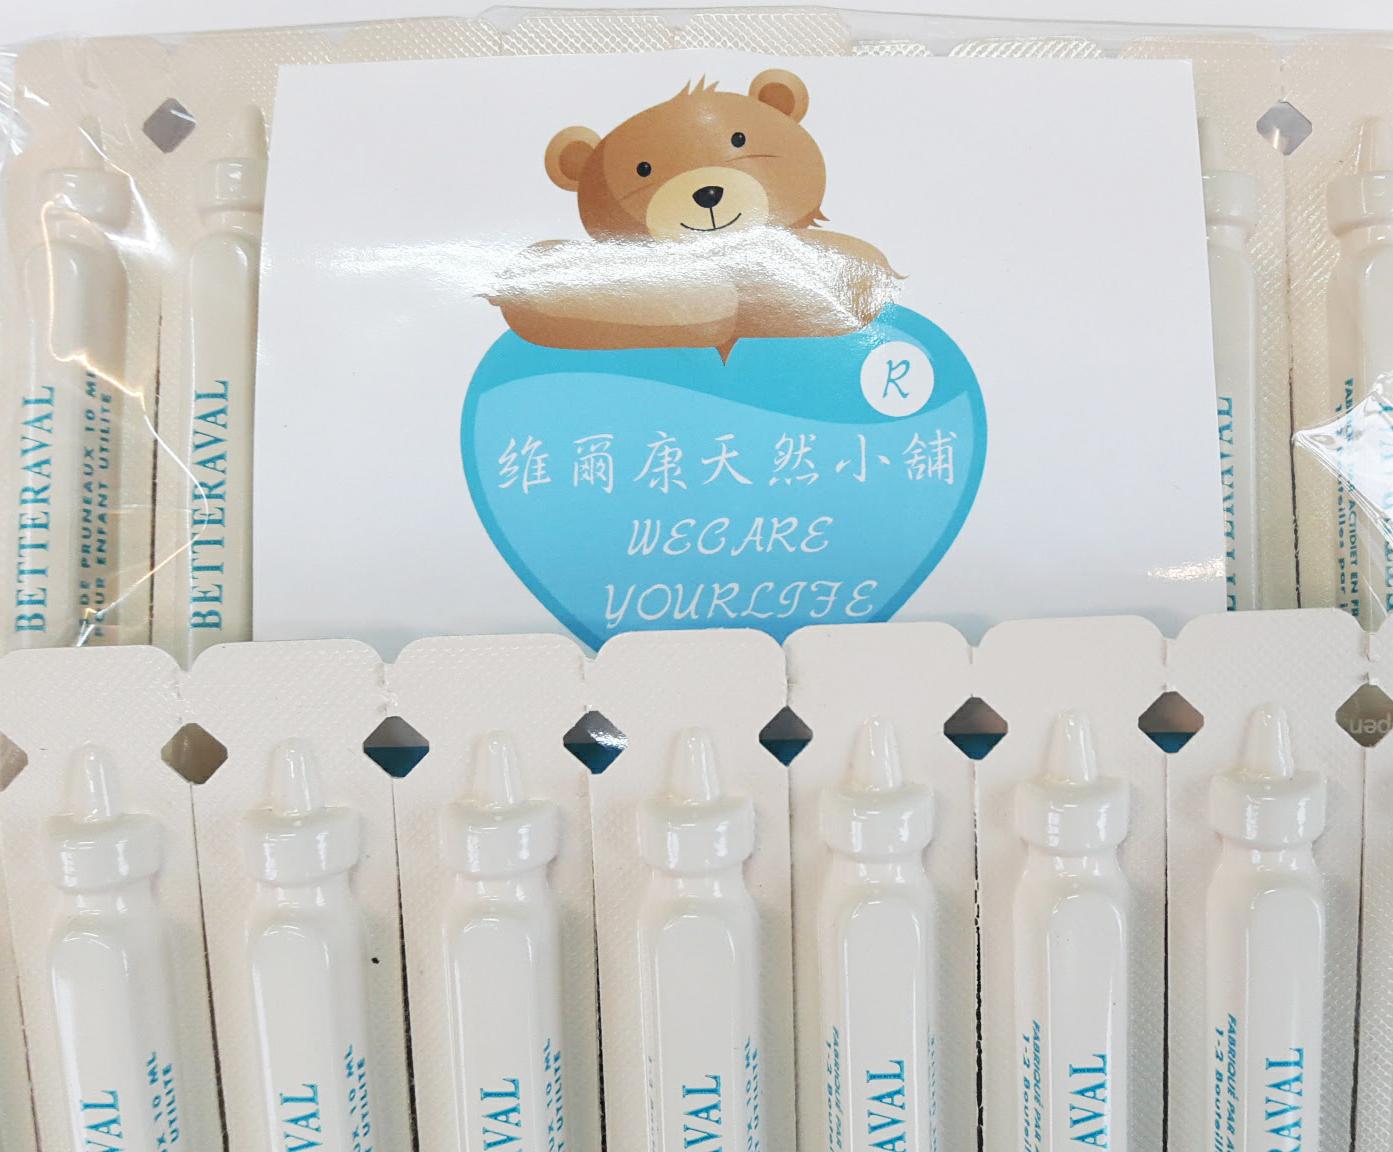 維爾康天然小舖法國黑棗精三次萃取藍字10入包買1包送1包10組再送1組